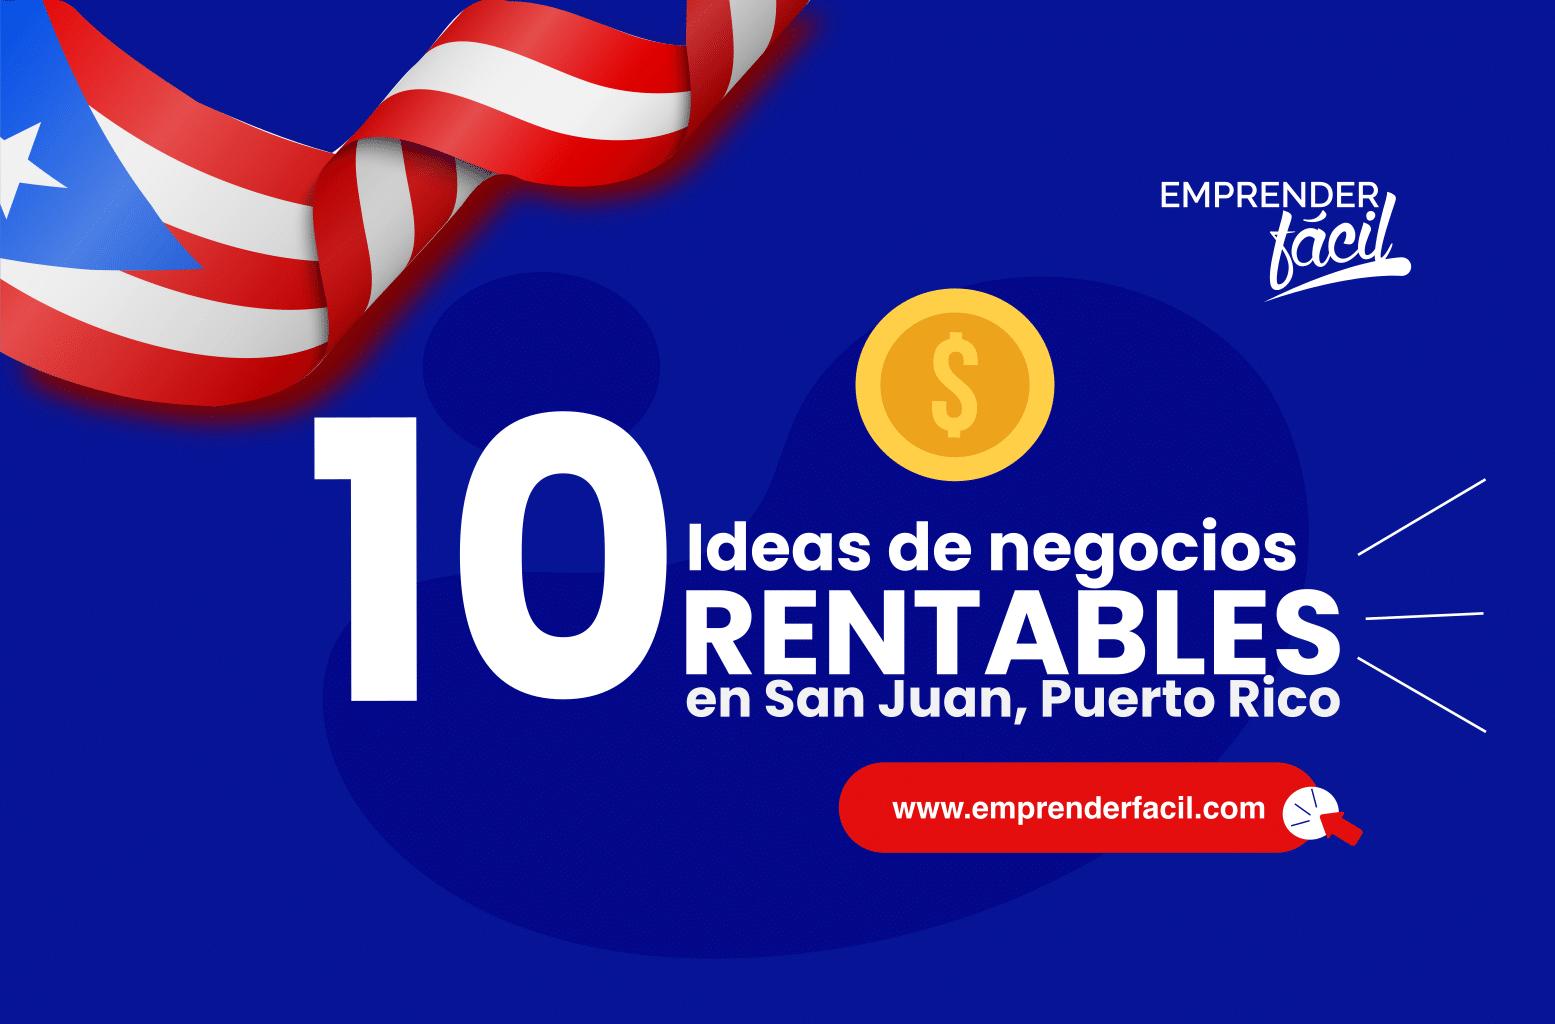 Negocios rentables en San Juan, Puerto Rico